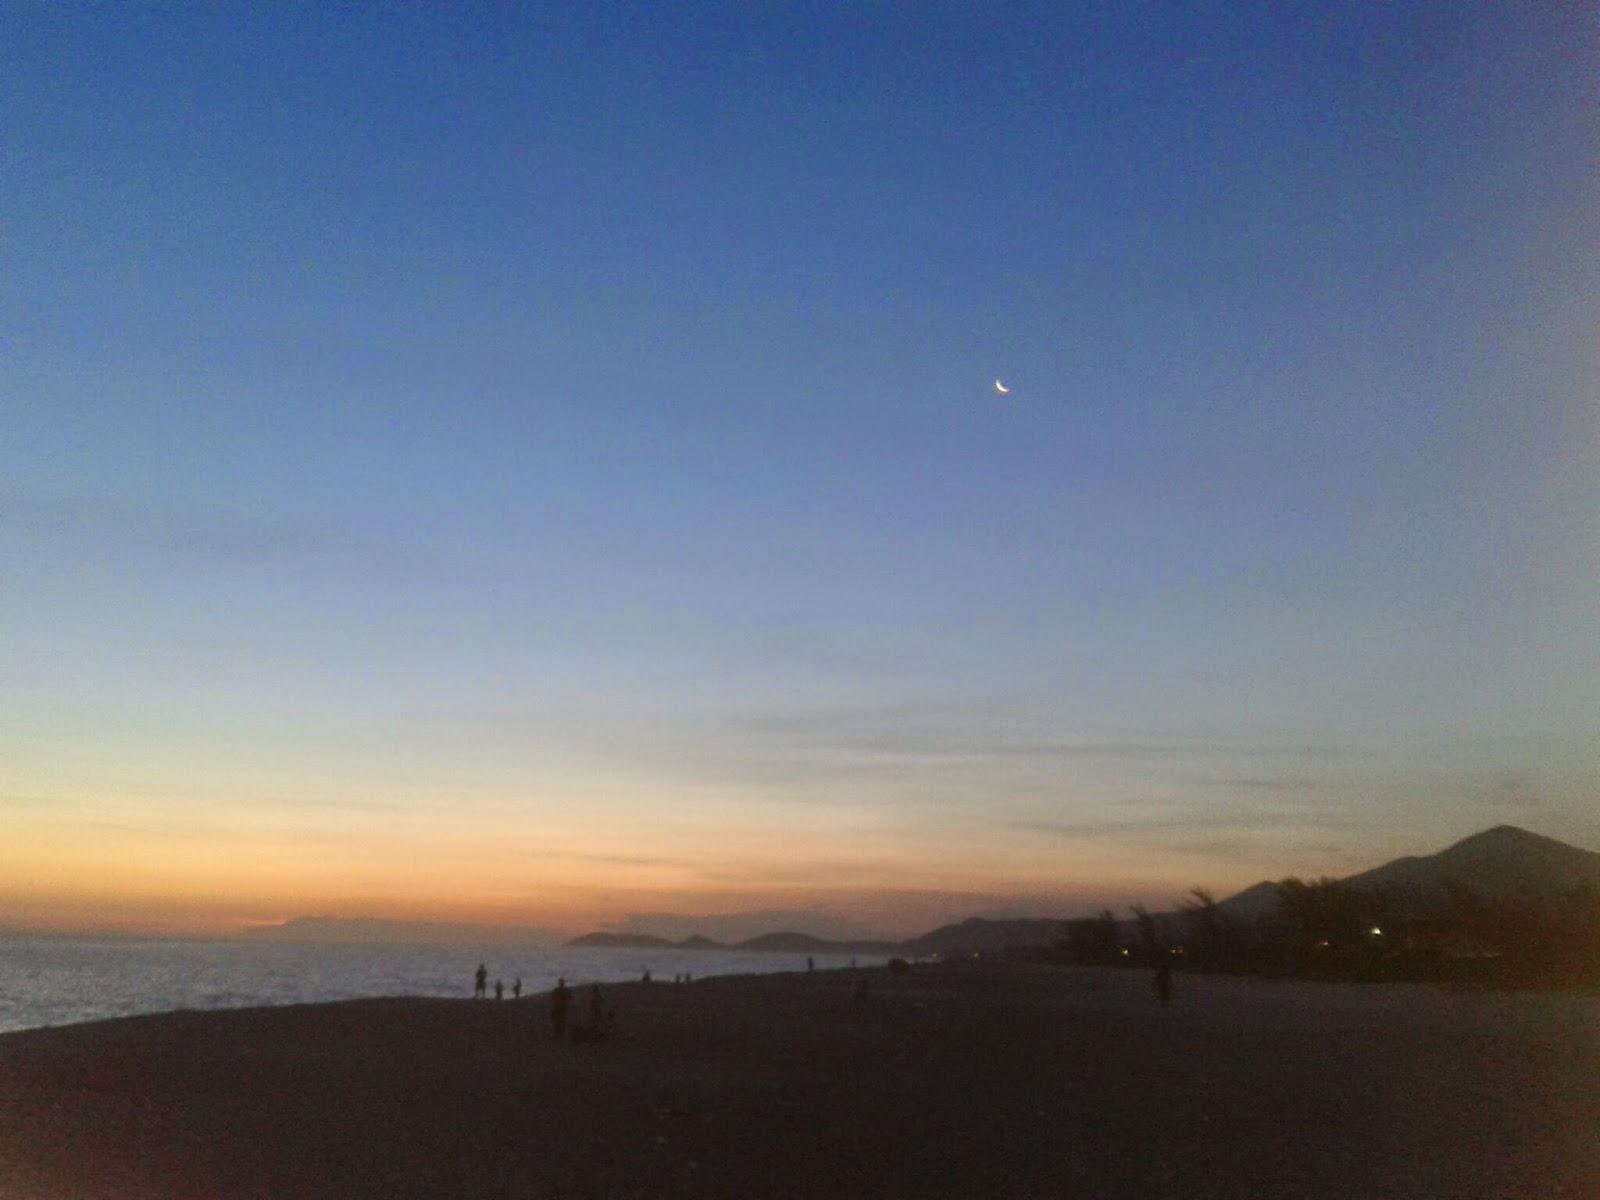 http://loucalegalmente.blogspot.com.br/